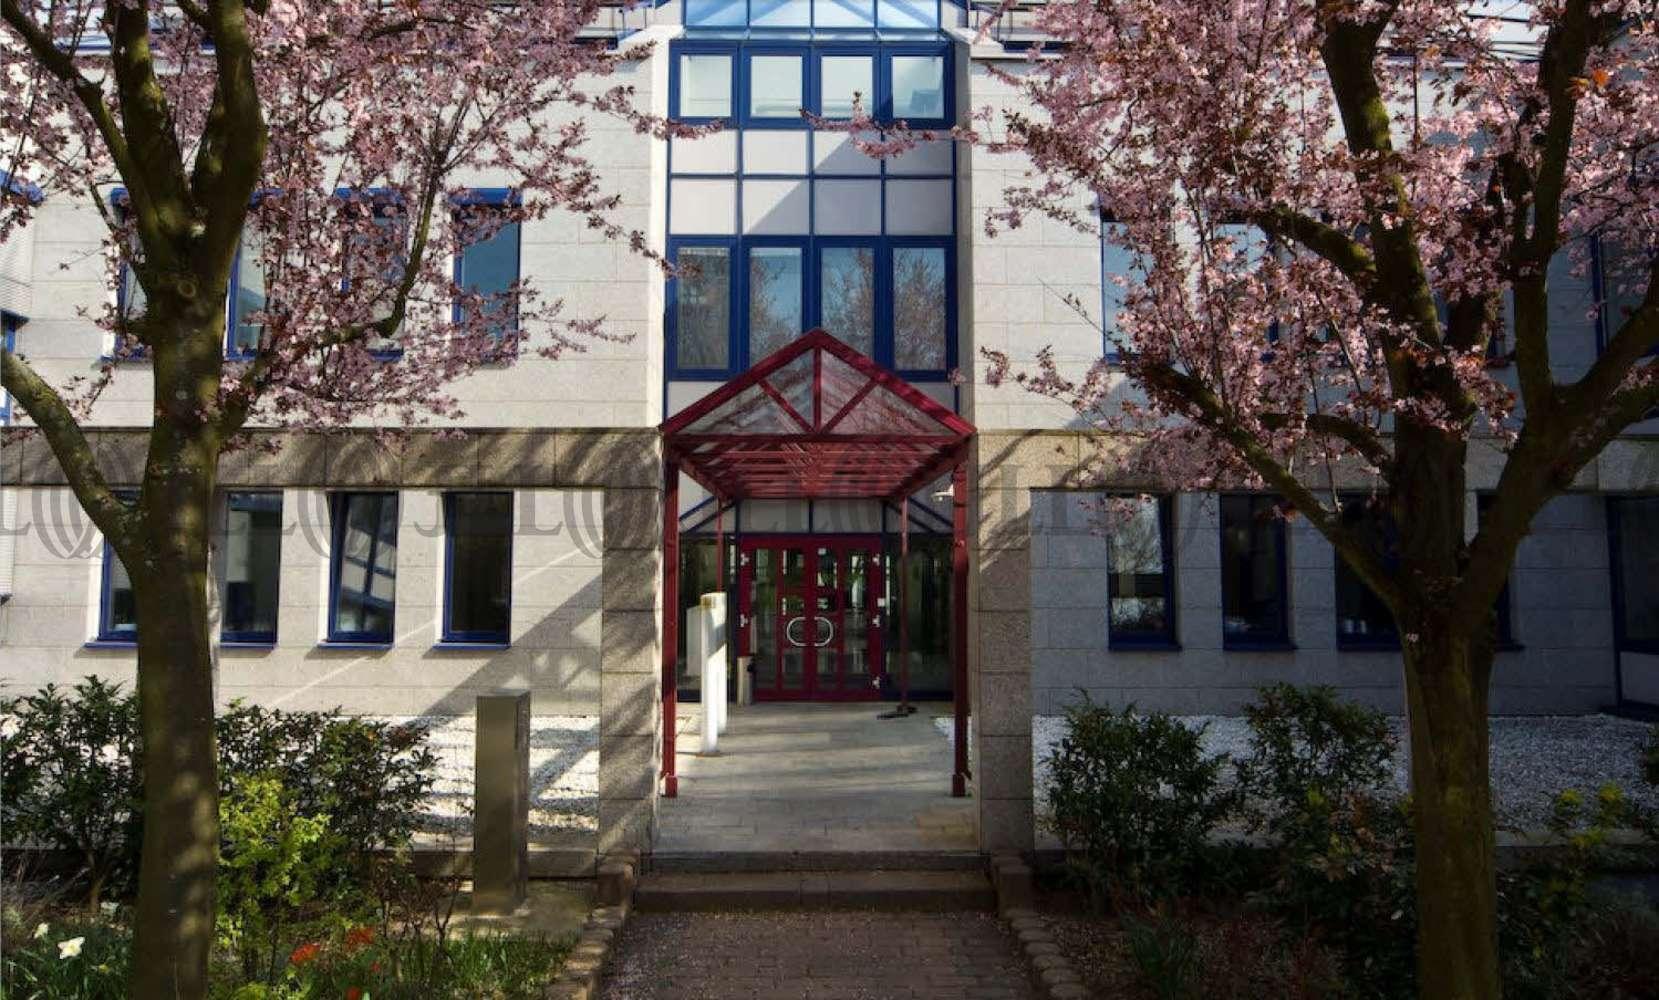 Büros Bad homburg, 61352 - Büro - Bad Homburg, Ober-Eschbach - F2150 - 9412247